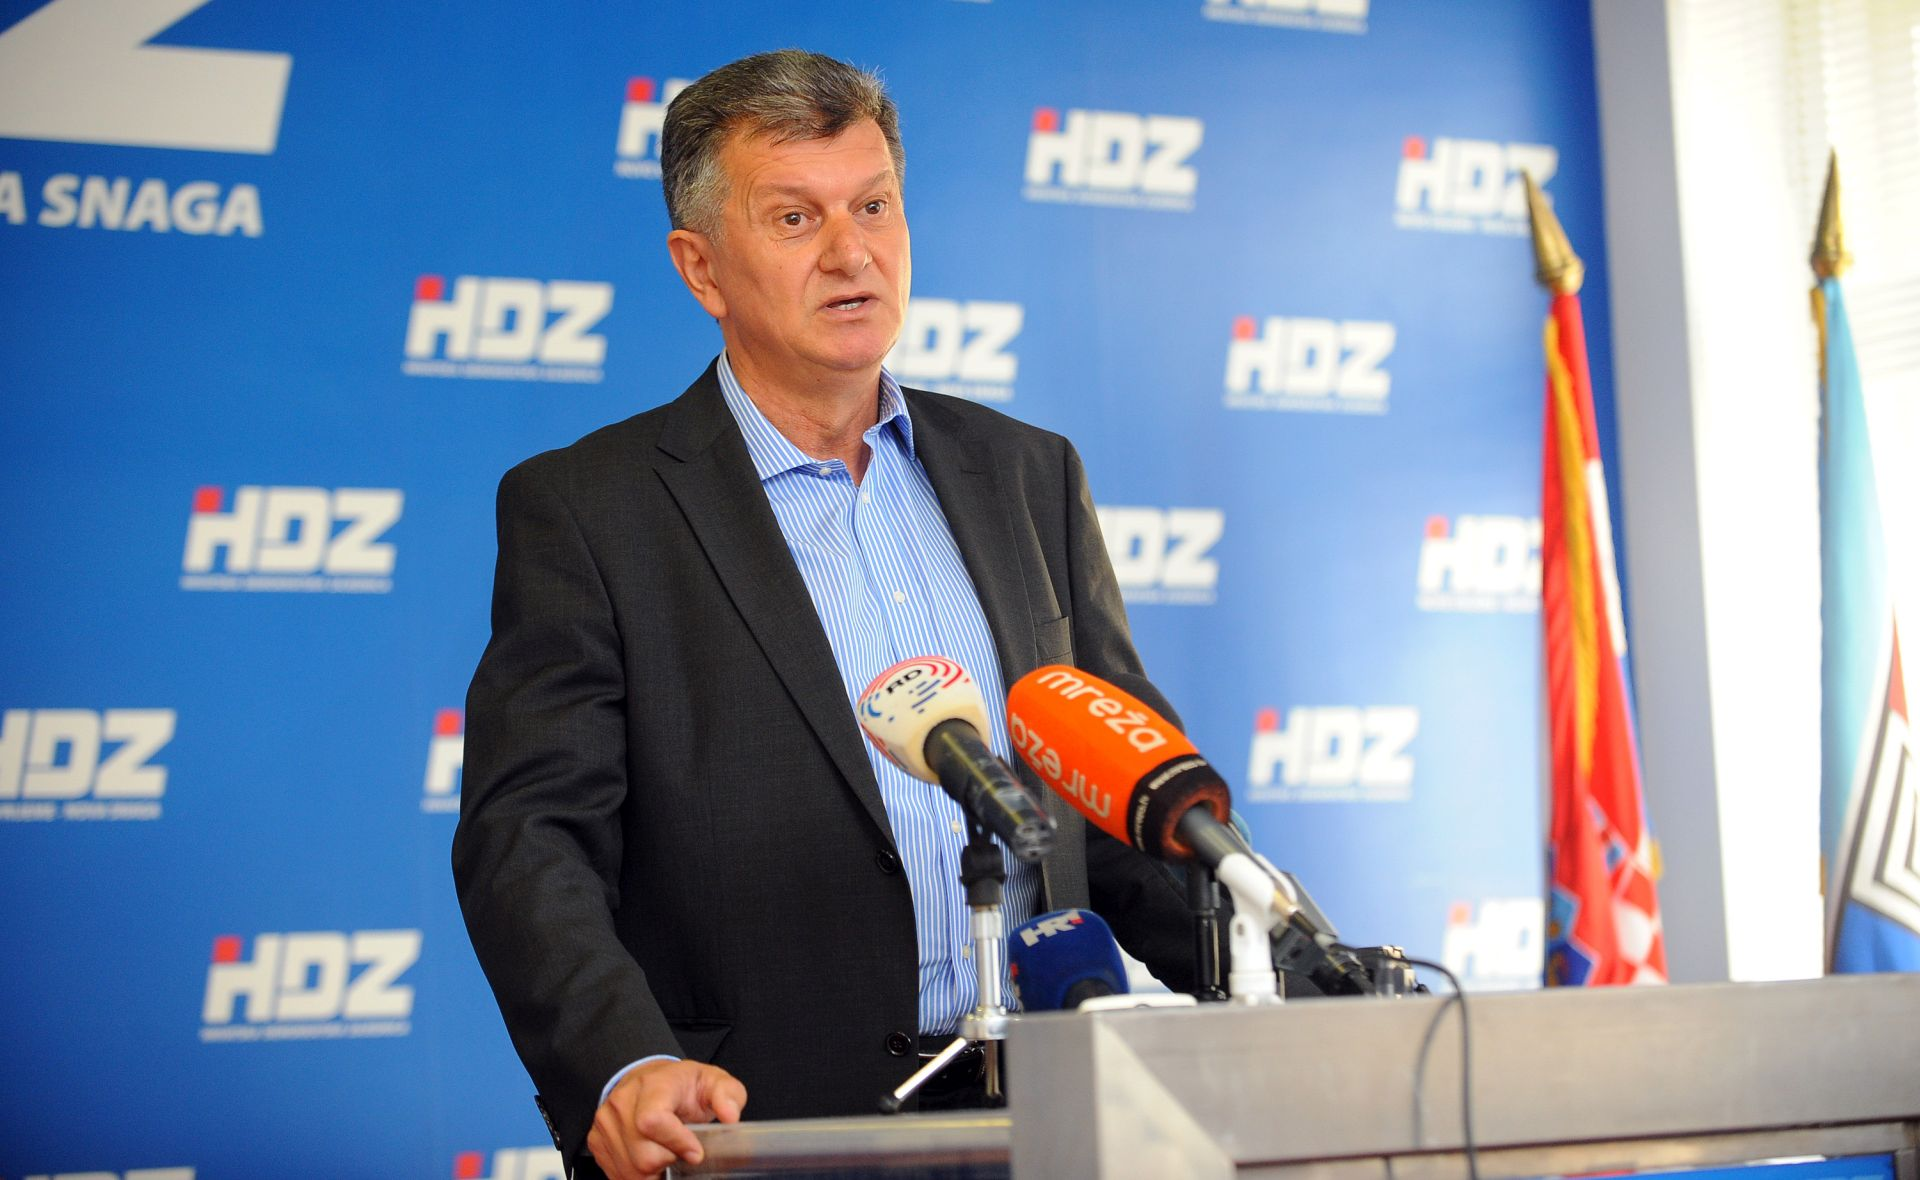 ZBOG IZJAVE O LIJEČNICIMA: Hrvatska liječnička komora prijavila Kujundžića Etičkom povjerenstvu